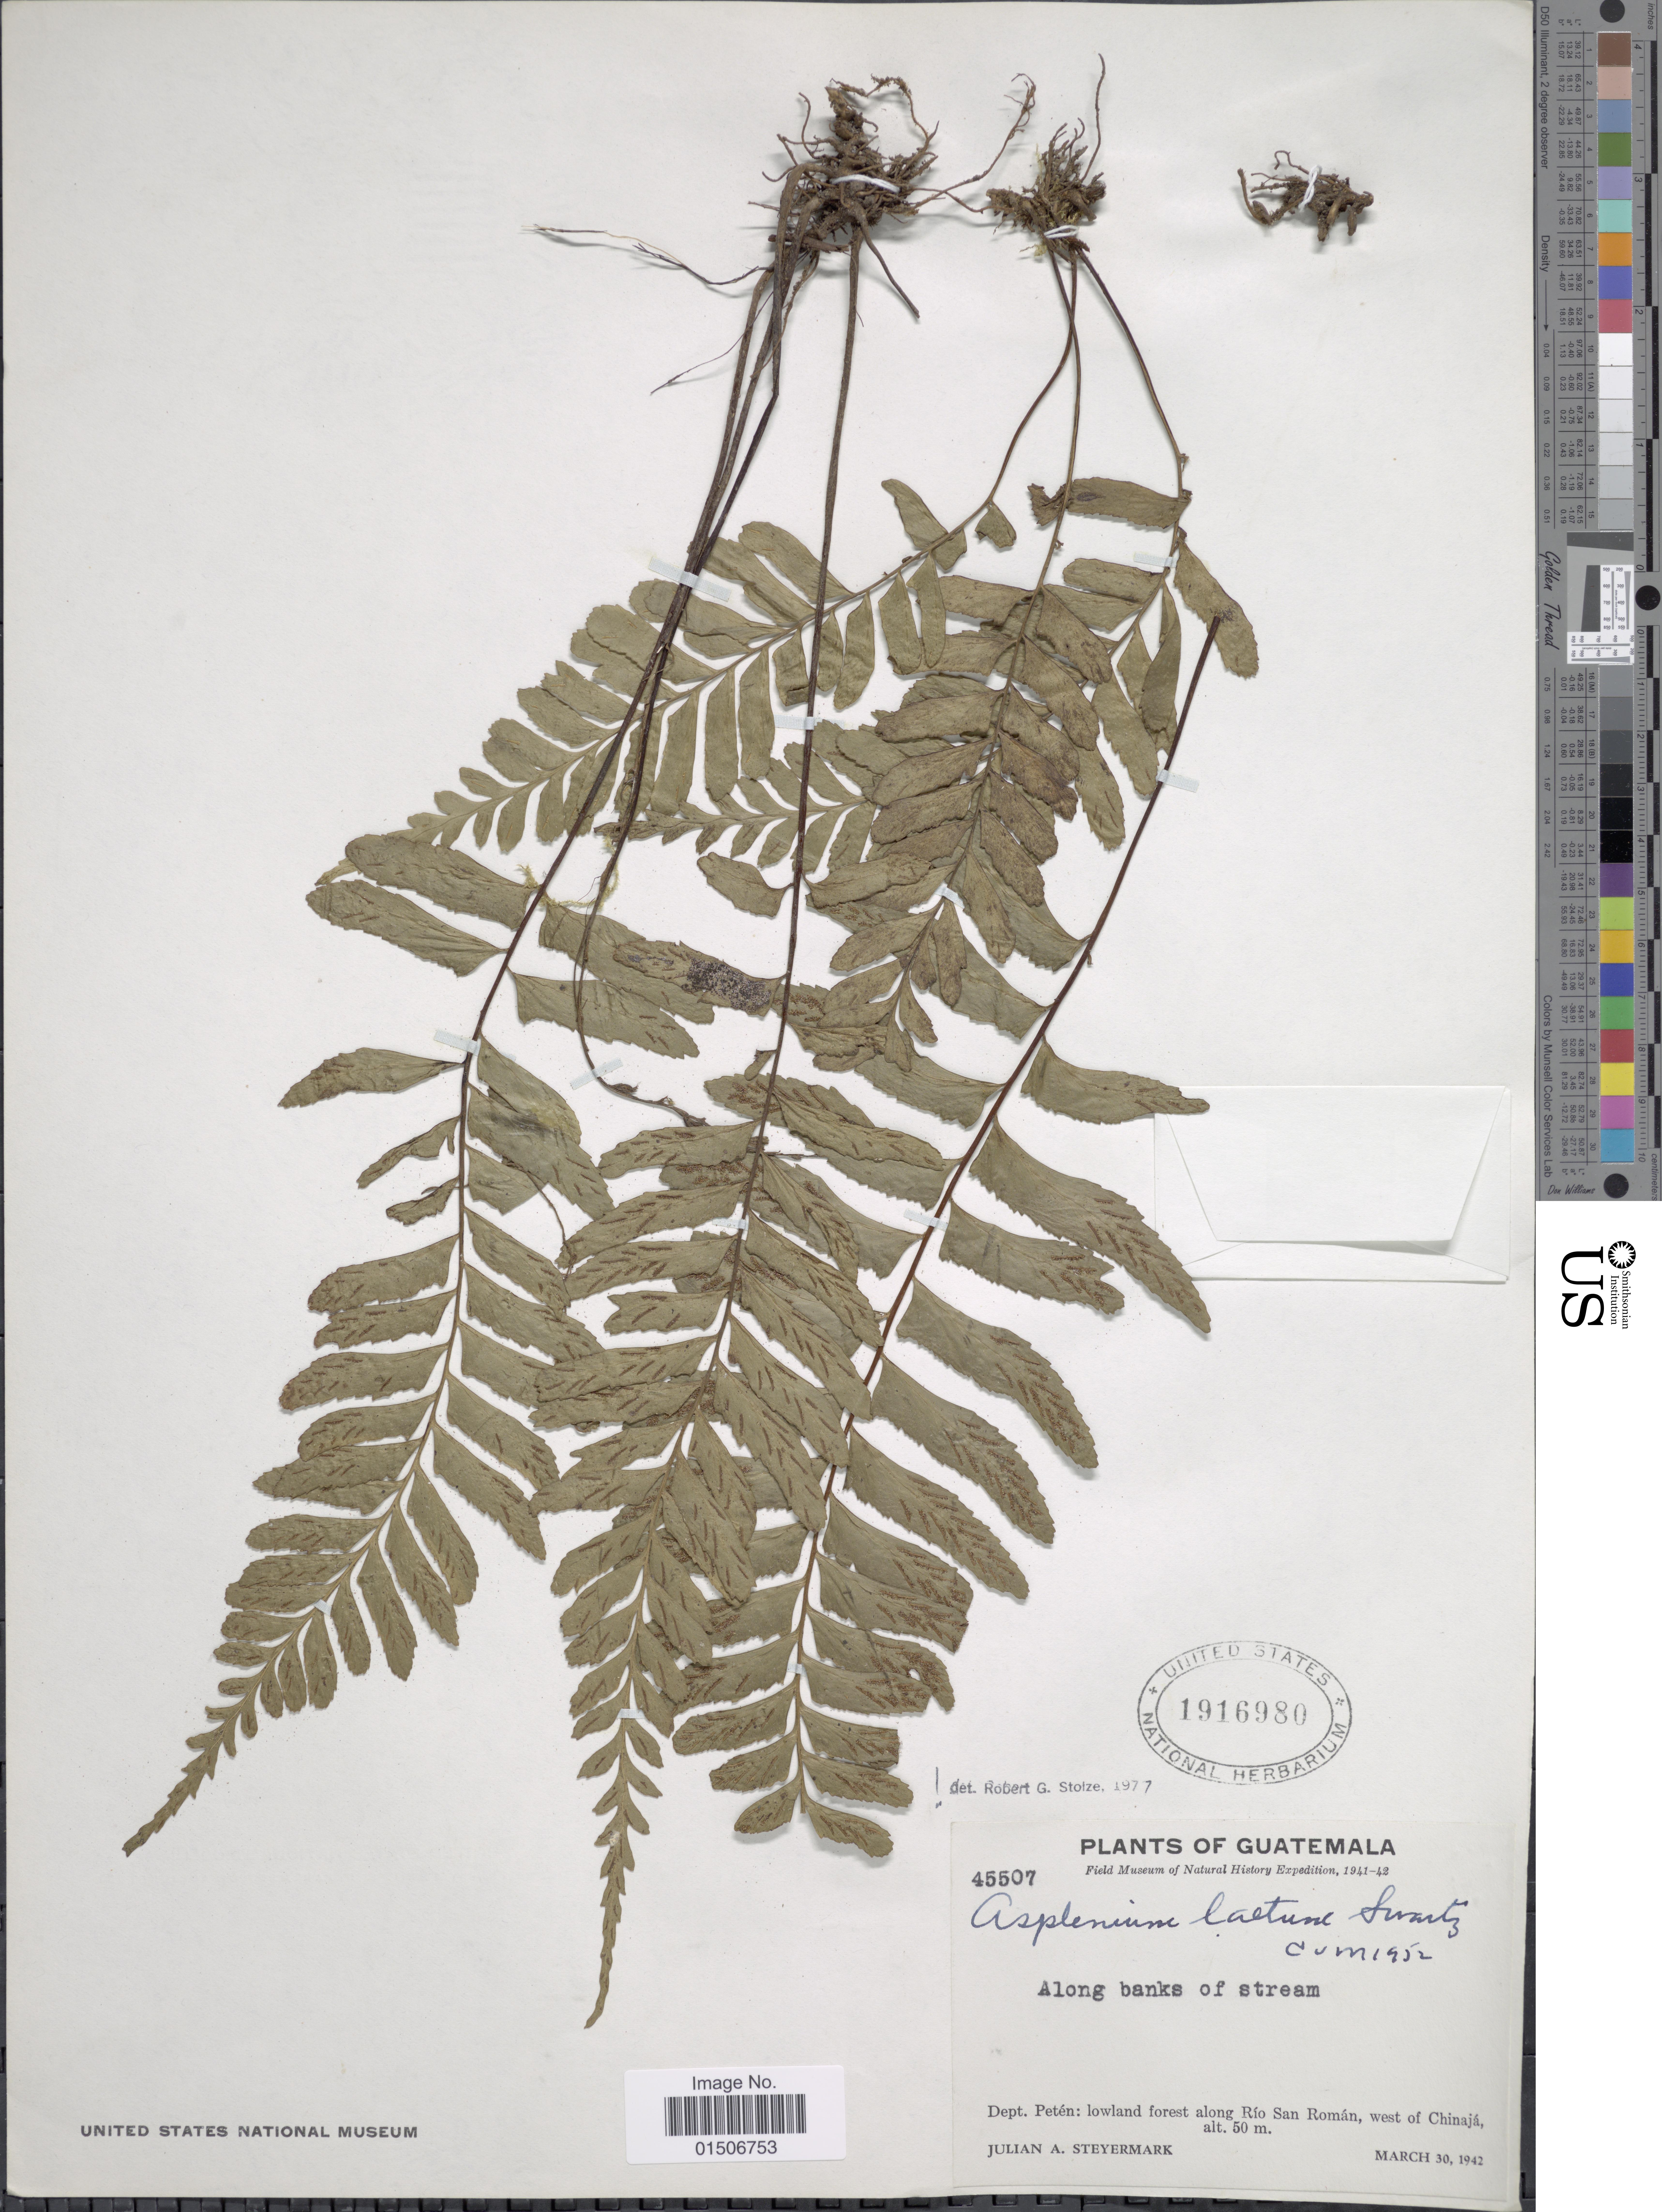 Image of brownstem spleenwort